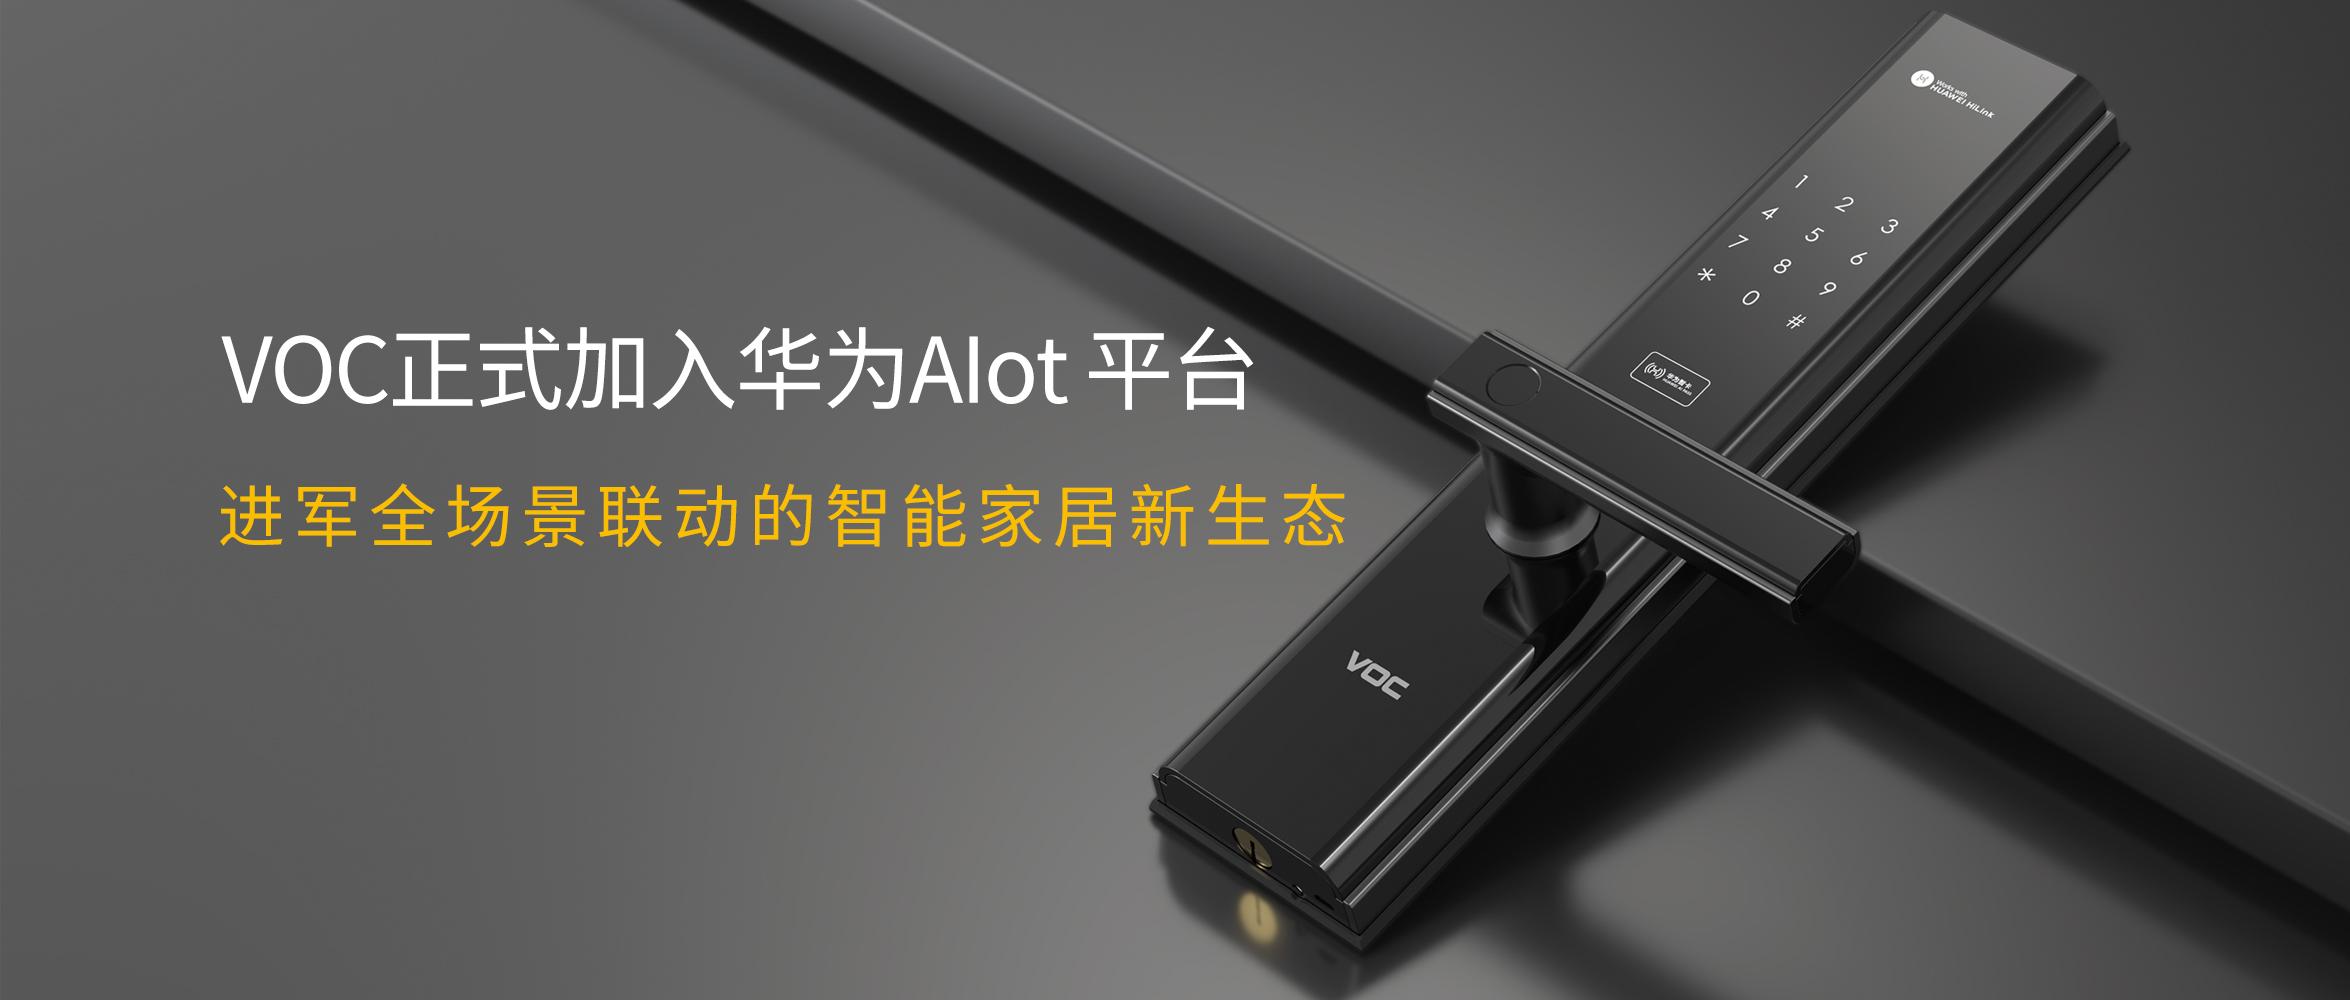 品牌Highlight | VOC正式加入华为AIoT 平台,进军全场景联动的智能家居新生态!